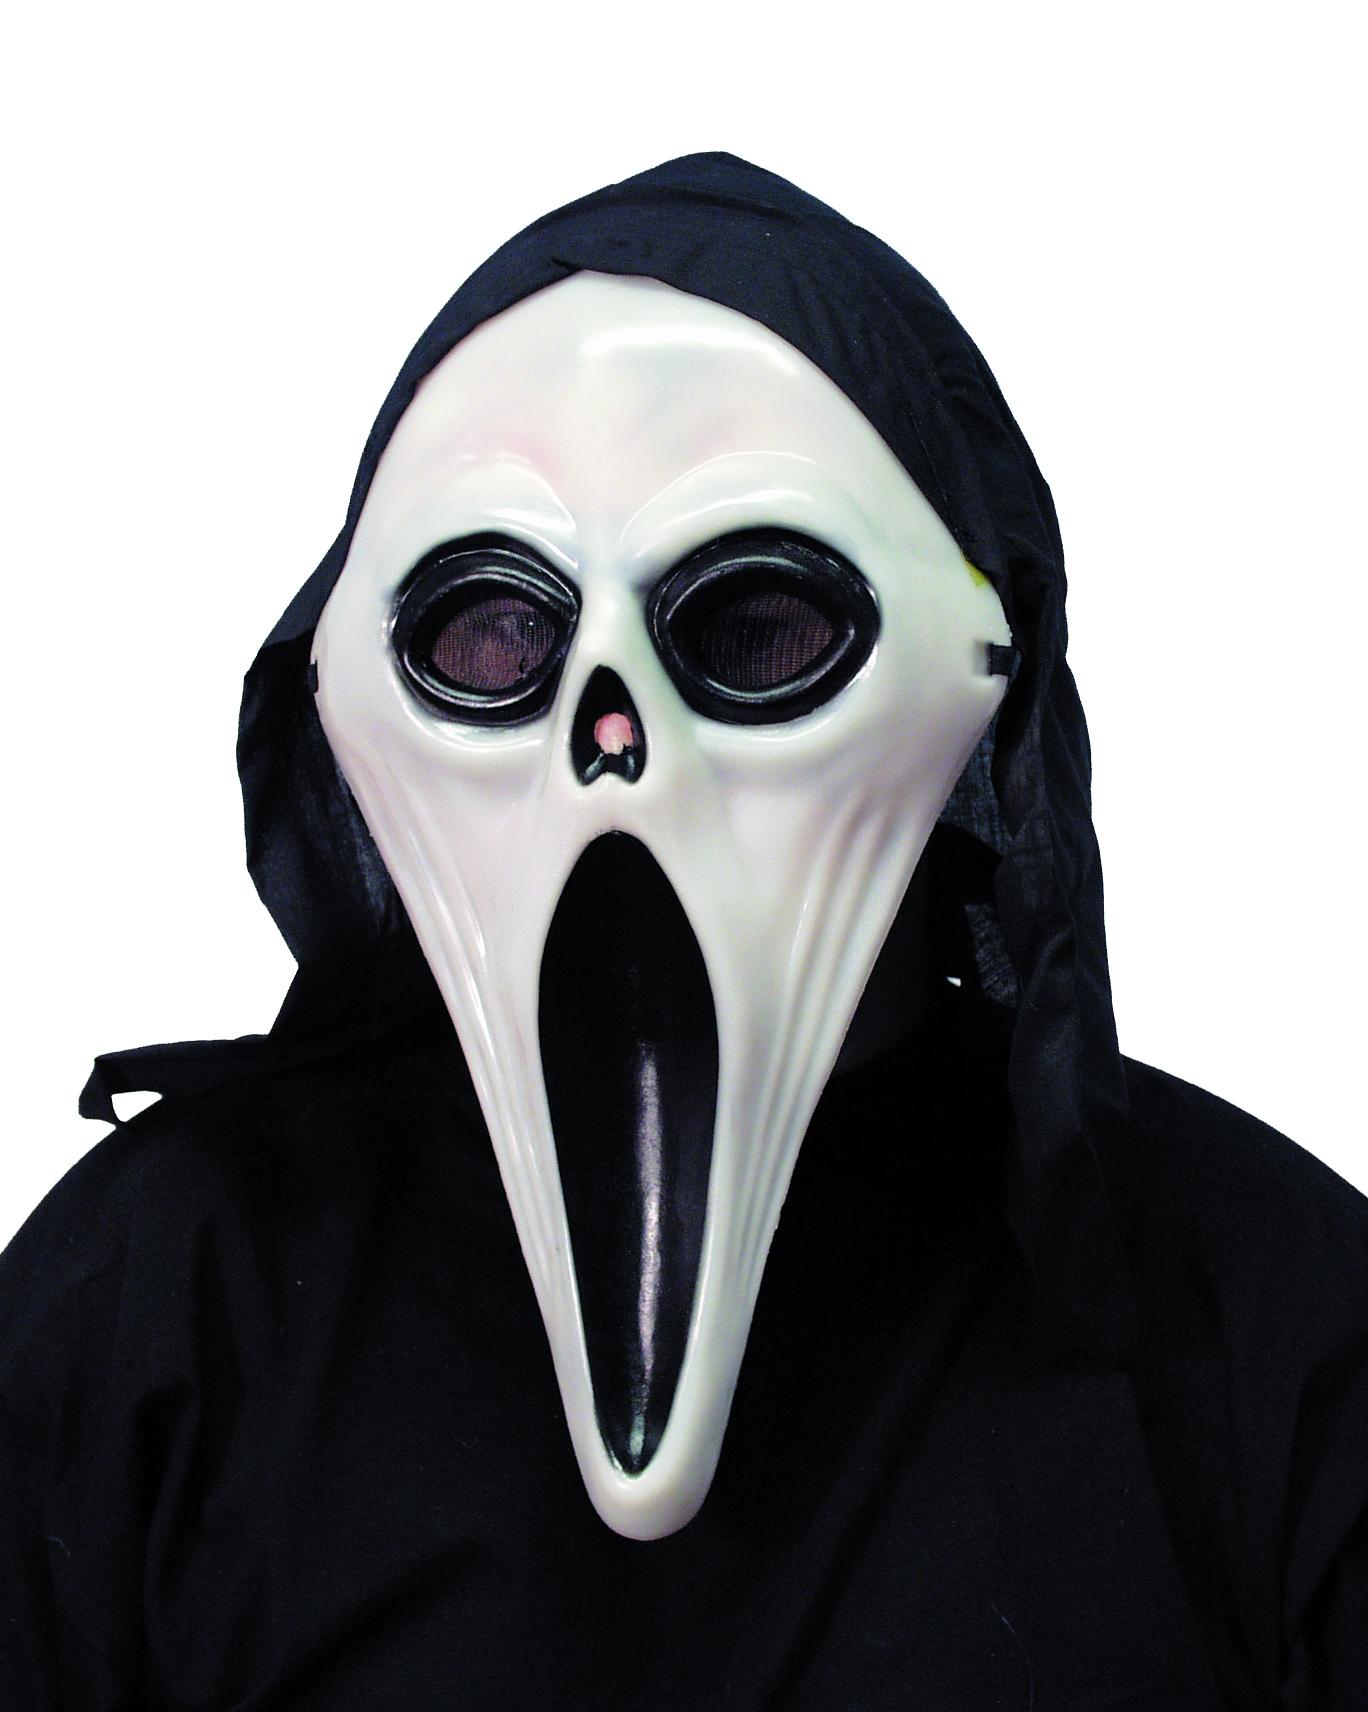 masque de halloween qui fait peur en savoir plus masque. Black Bedroom Furniture Sets. Home Design Ideas